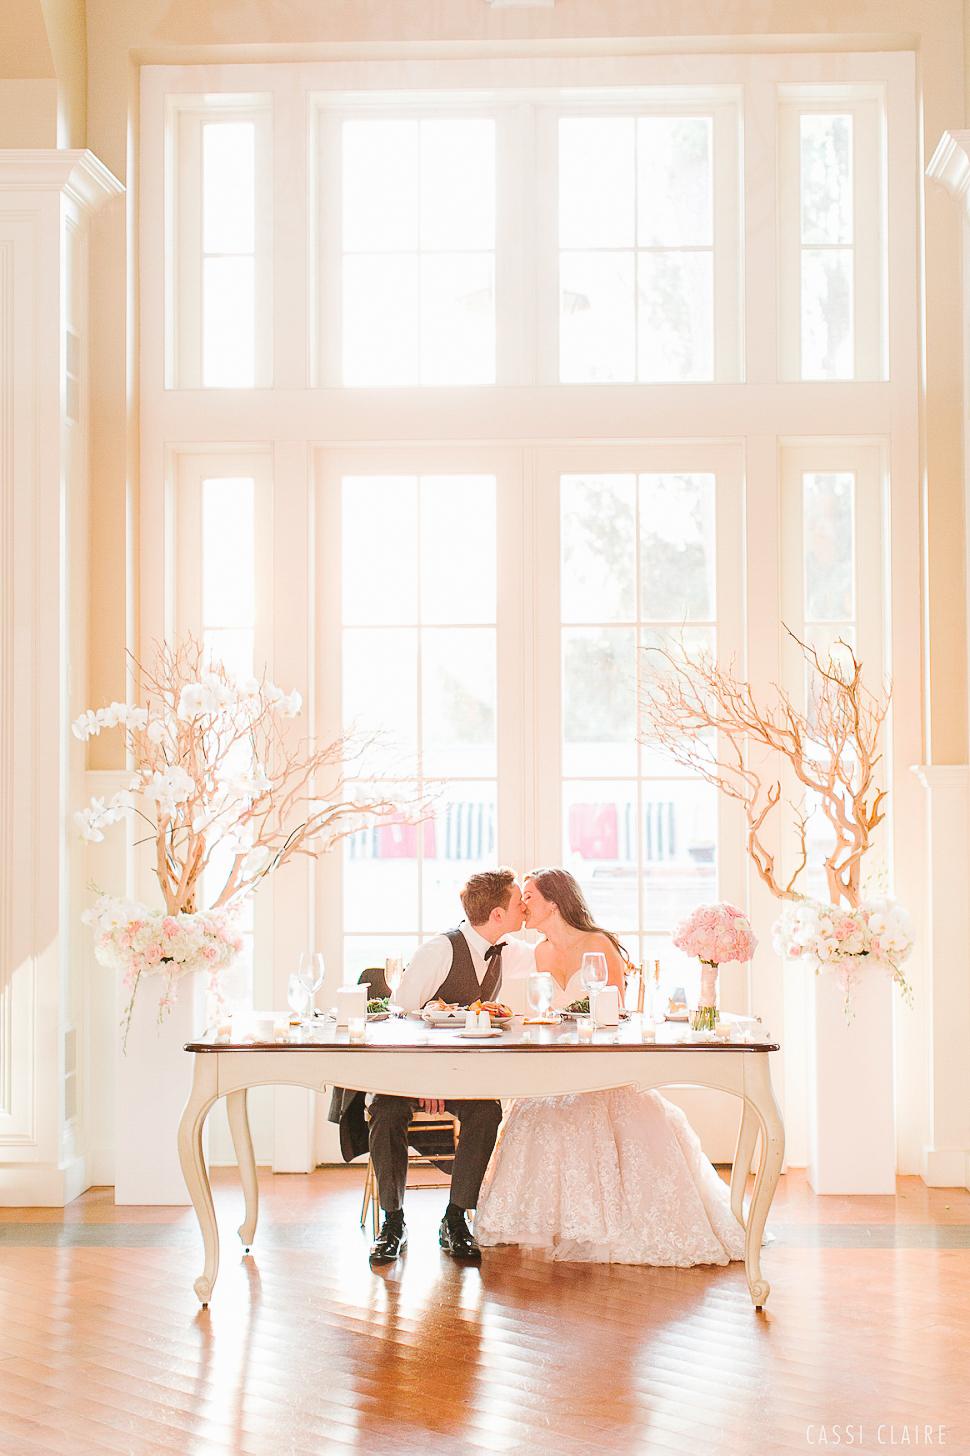 Ryland-Inn-Wedding-Photos_71.jpg